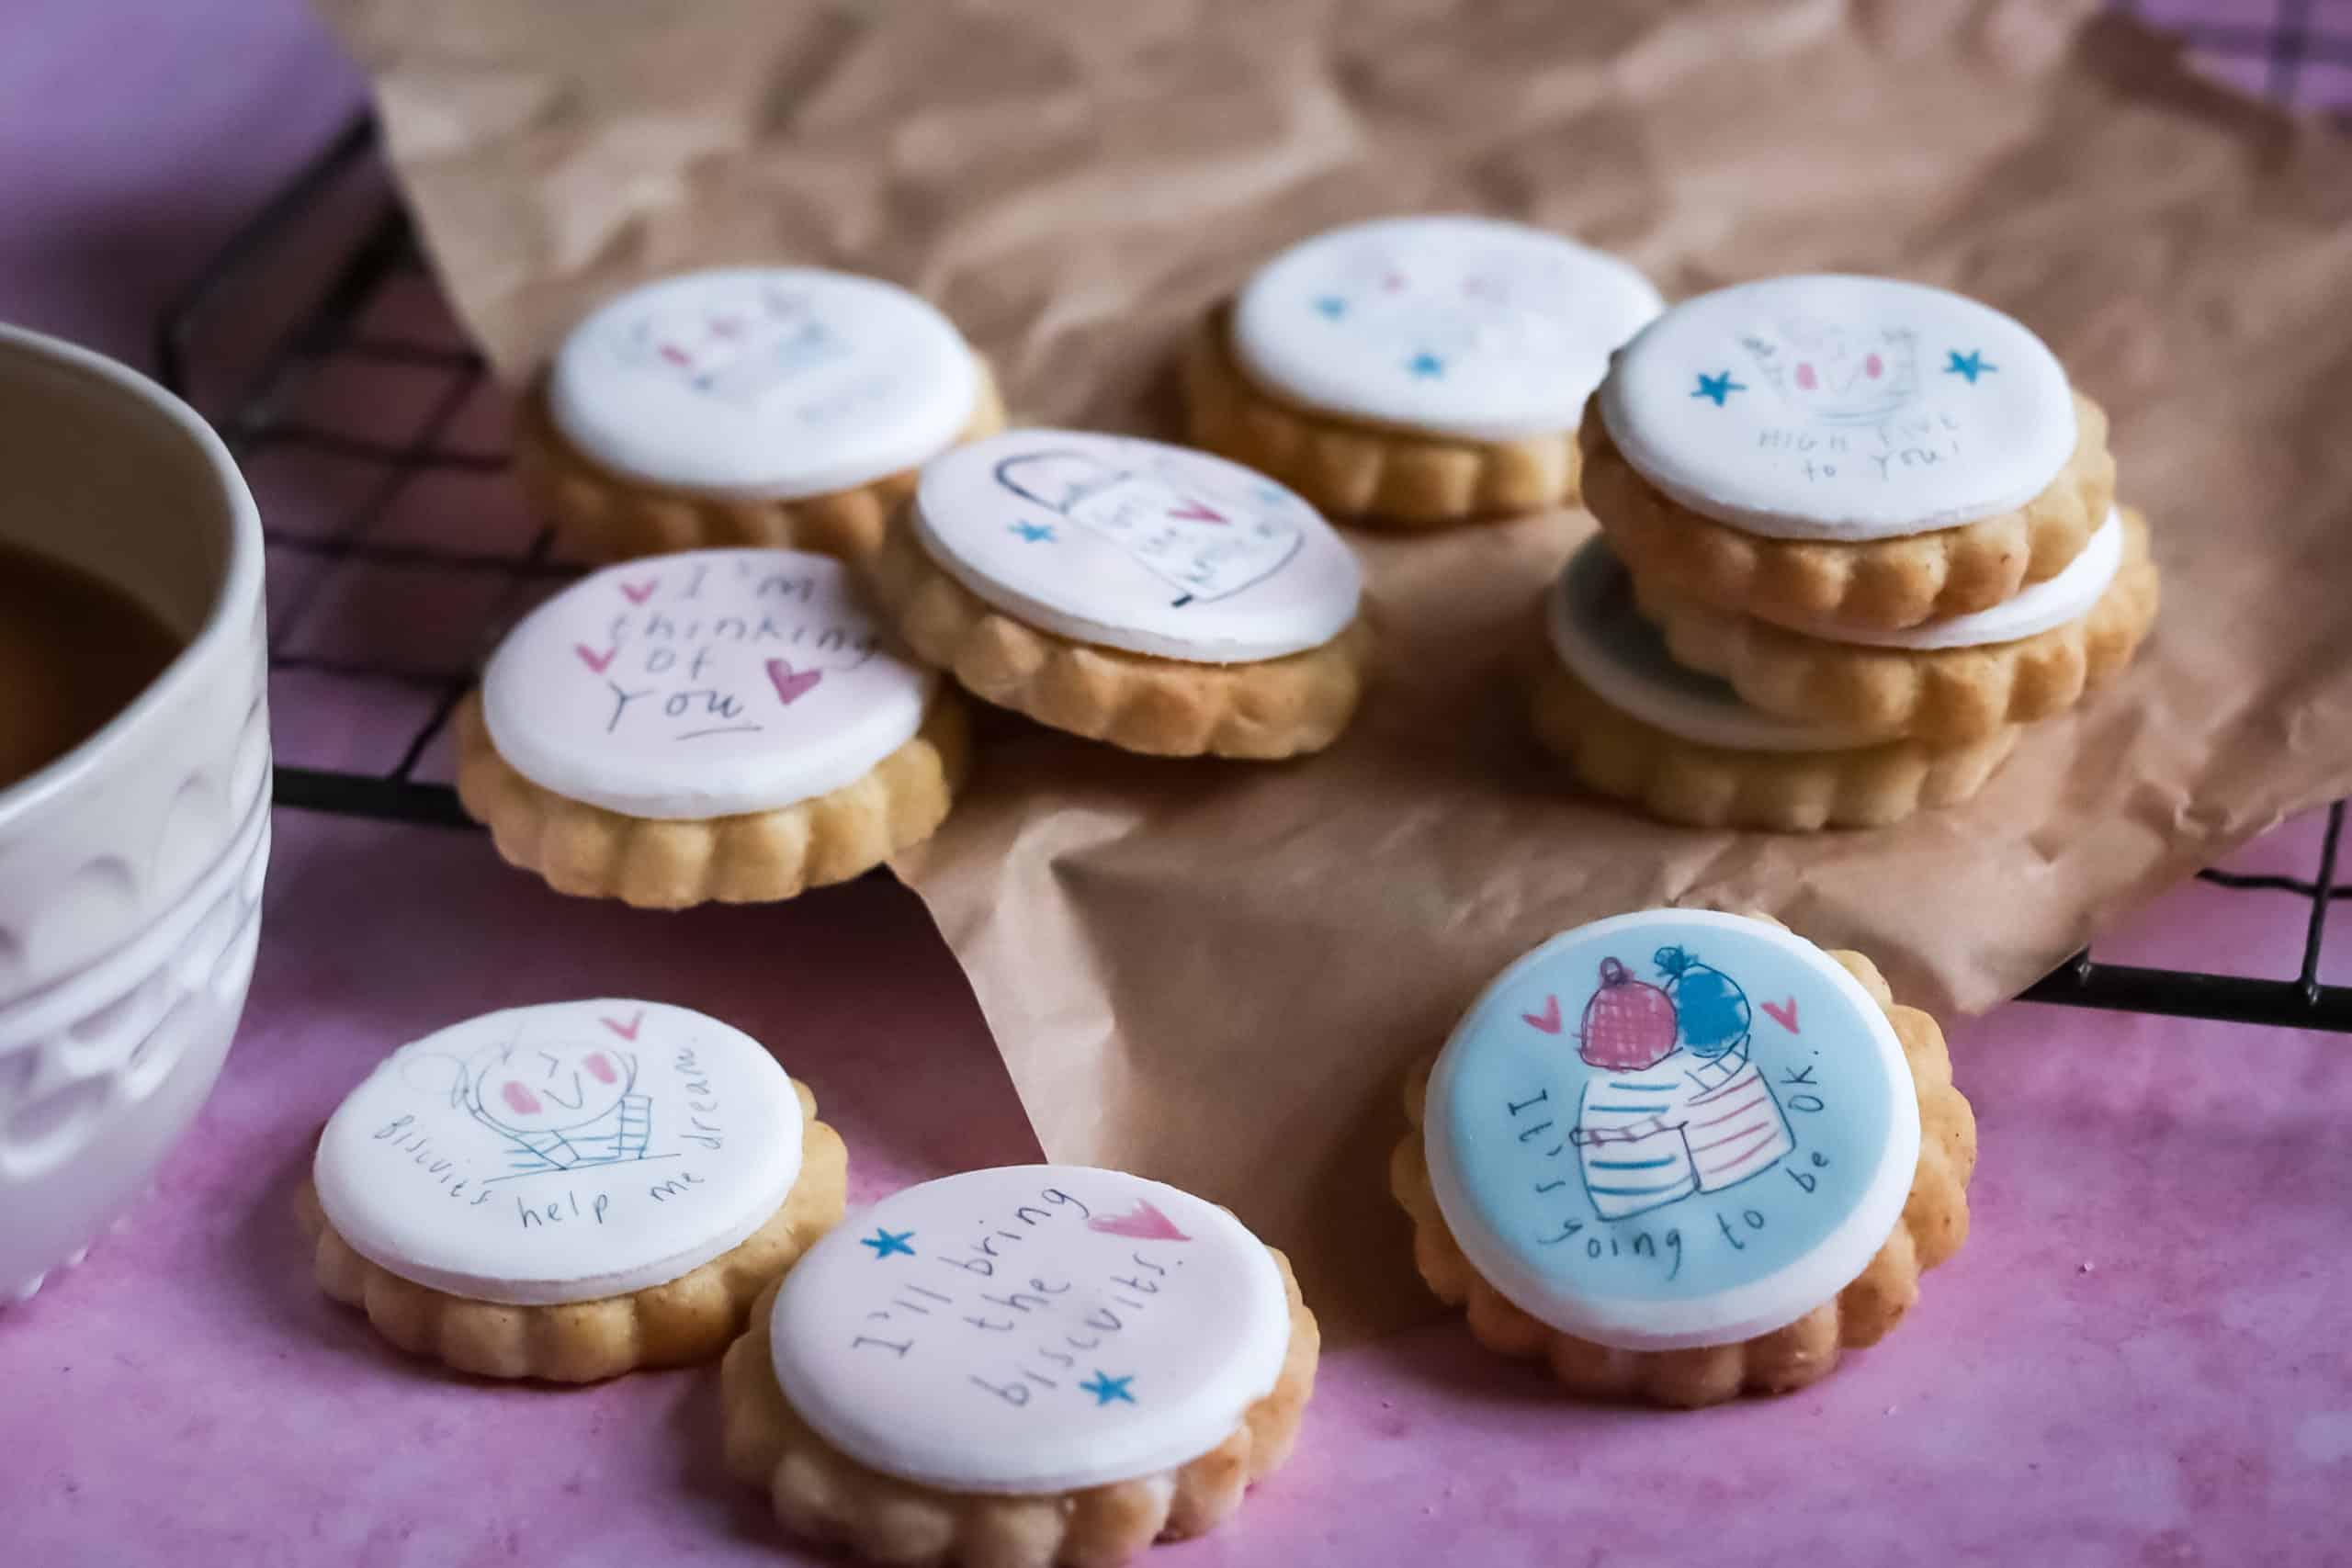 Sketchy Muma Virtual Hug Brownies & Biscuits Friendship Bundle Gallery Image